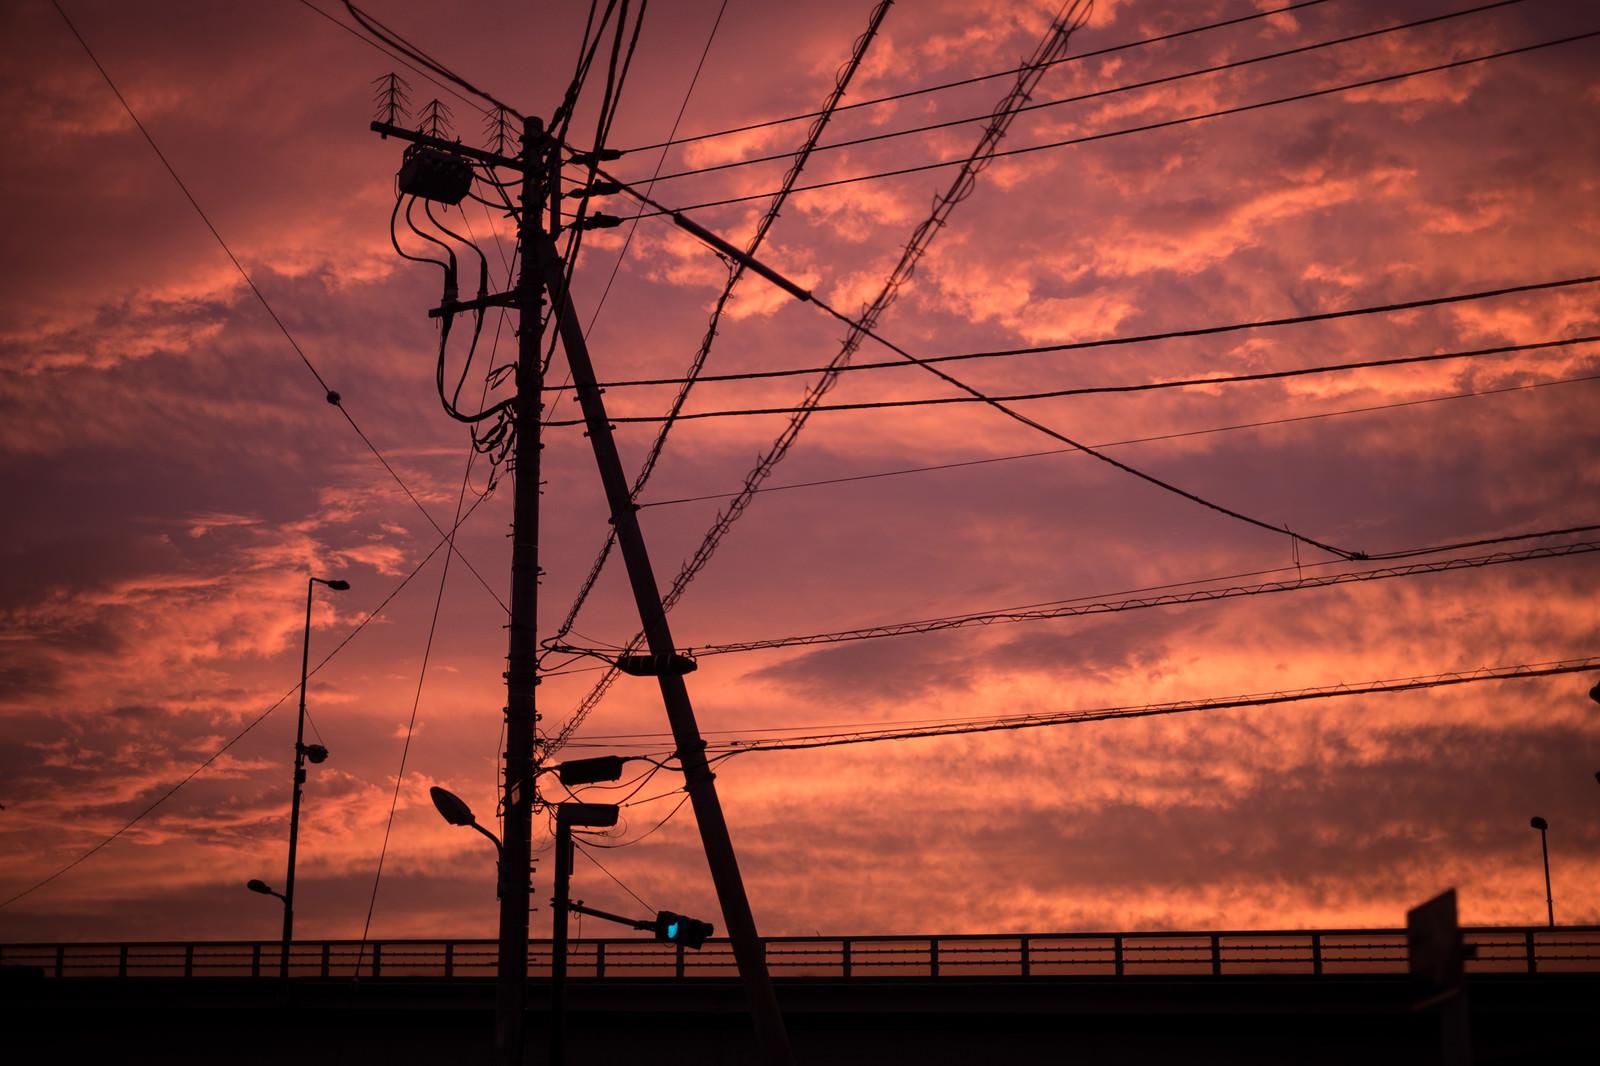 「夕暮れと電柱のシルエット」の写真